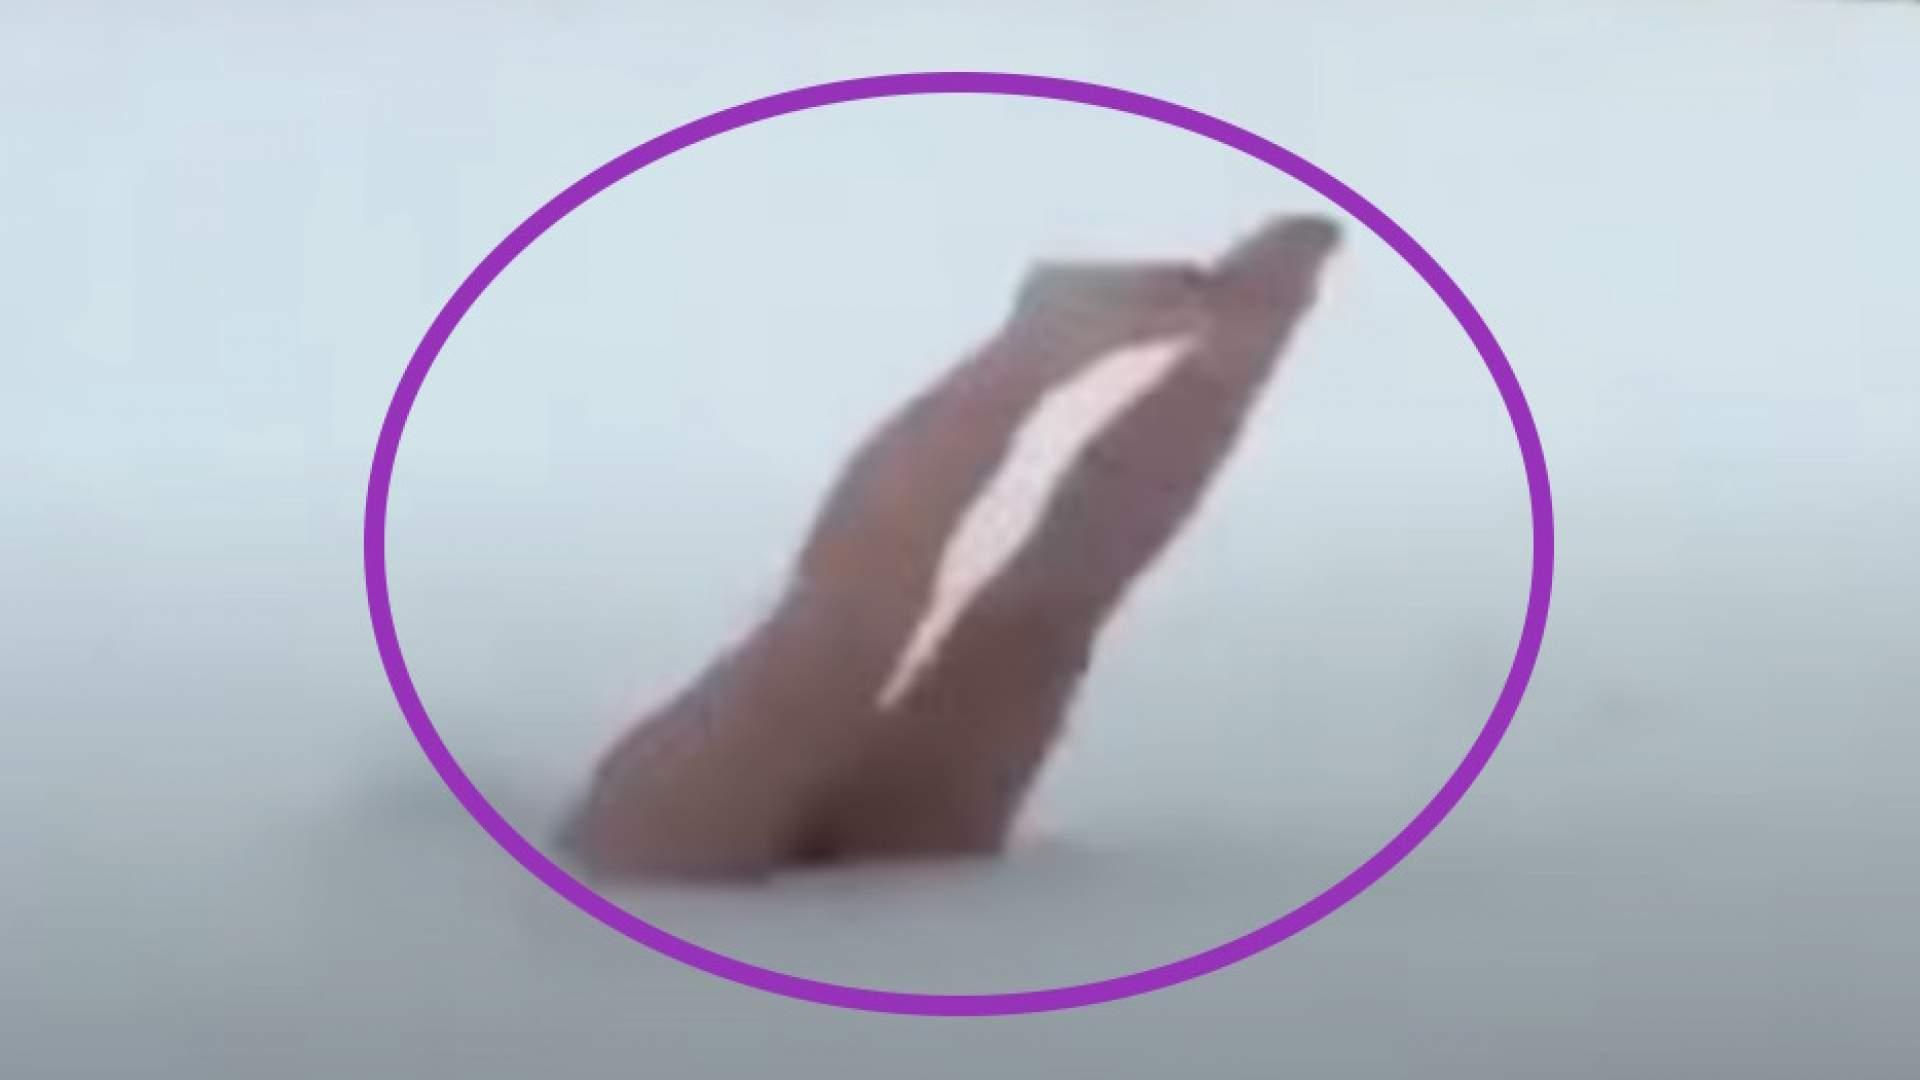 VIDEO: Beim Versuch sexy zu sein versagt - die lustigsten Fails